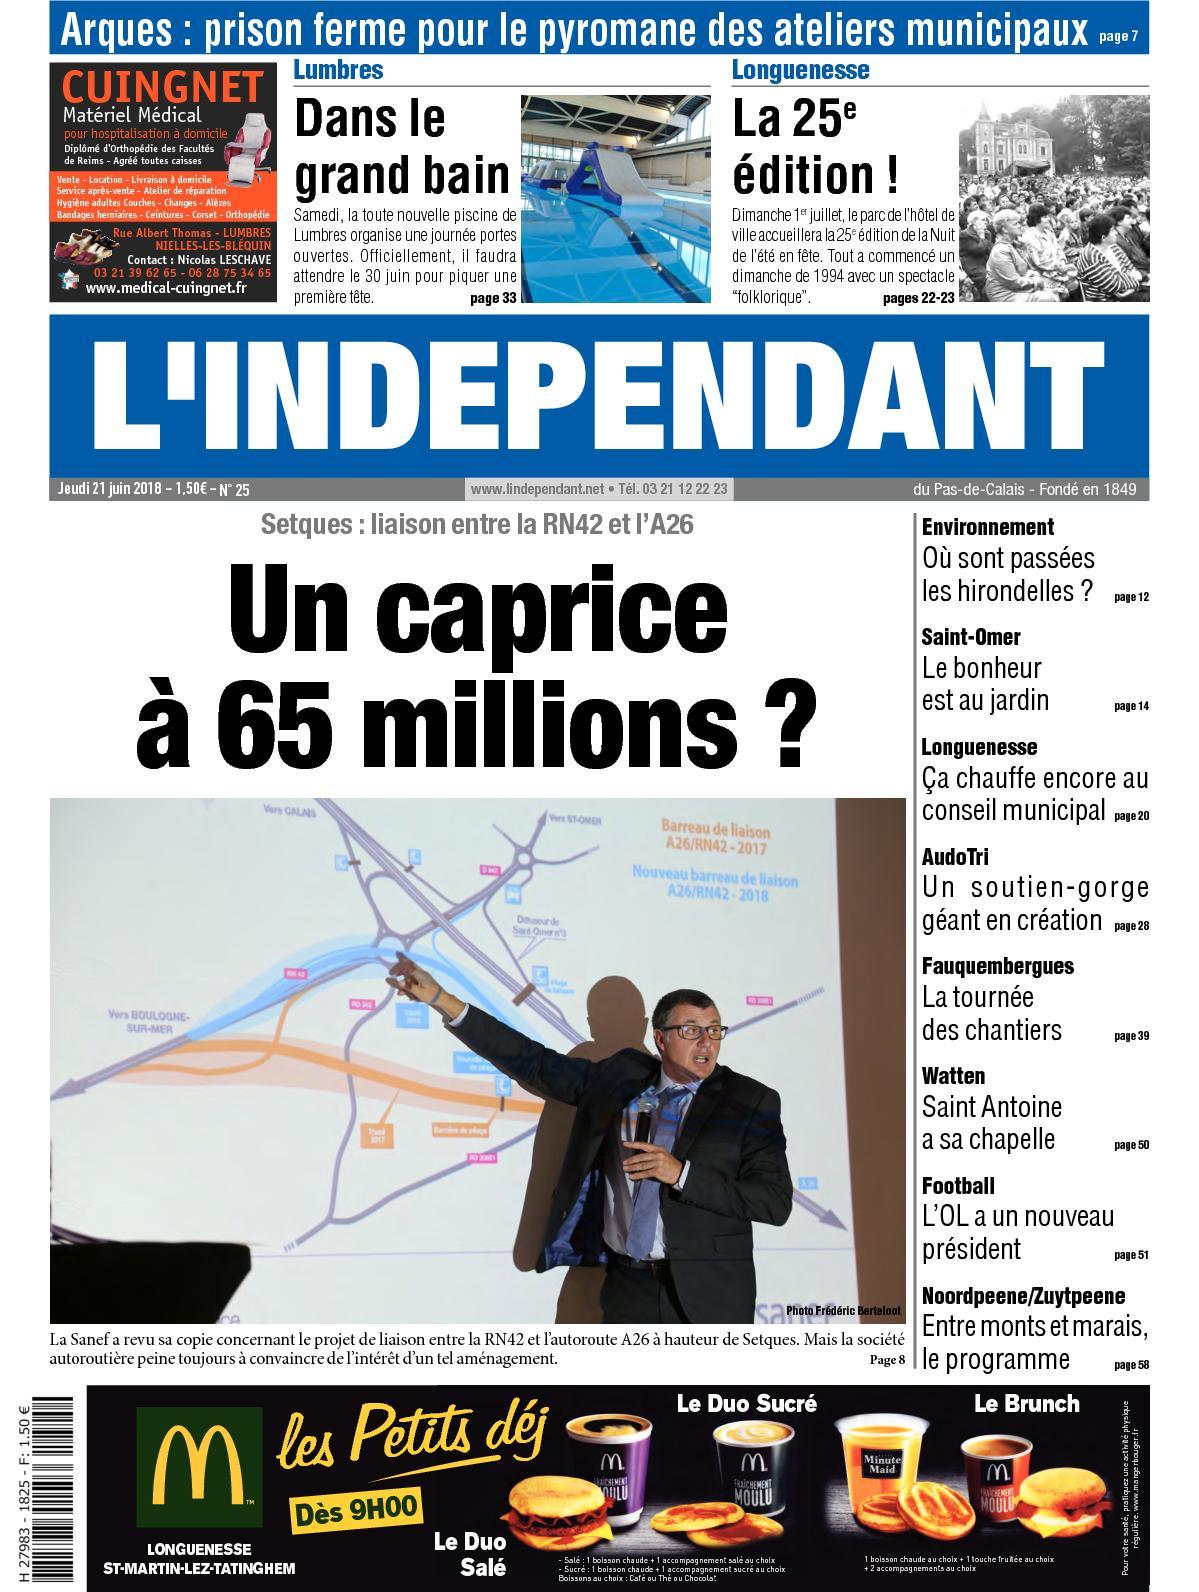 Calaméo - L indépendant Semaine 25 2018 262eccfd52a